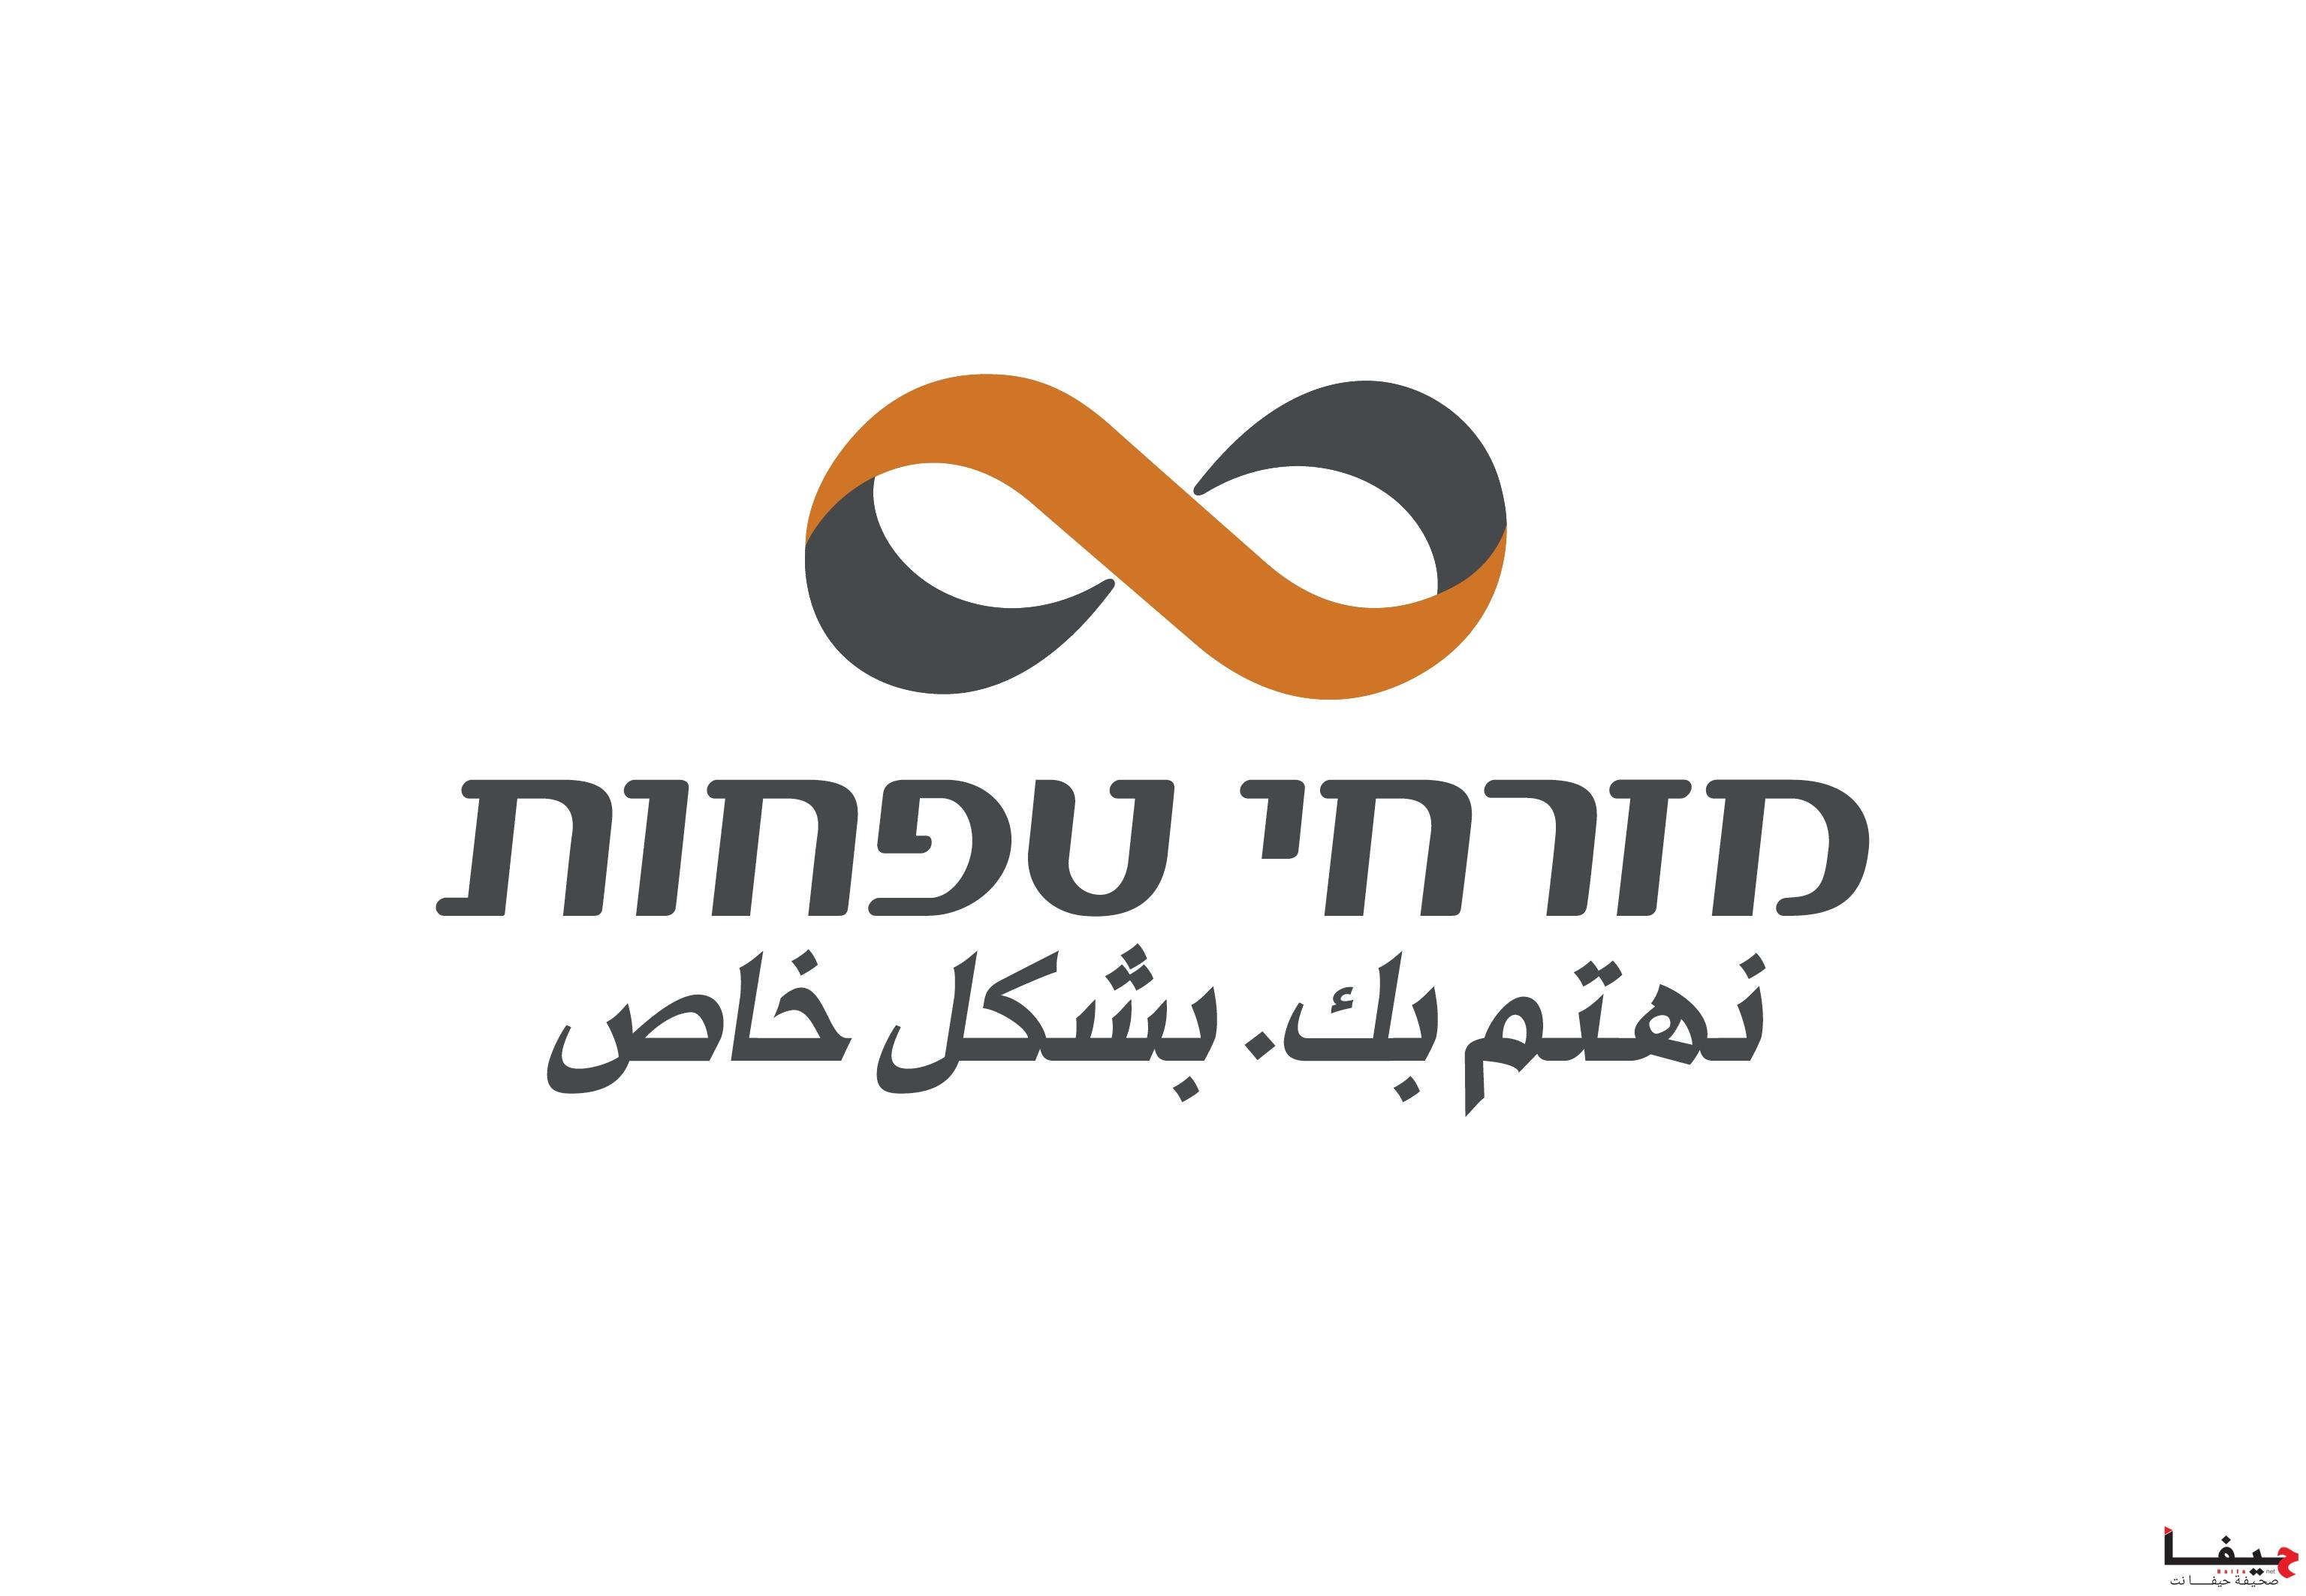 MZR_logo (6)